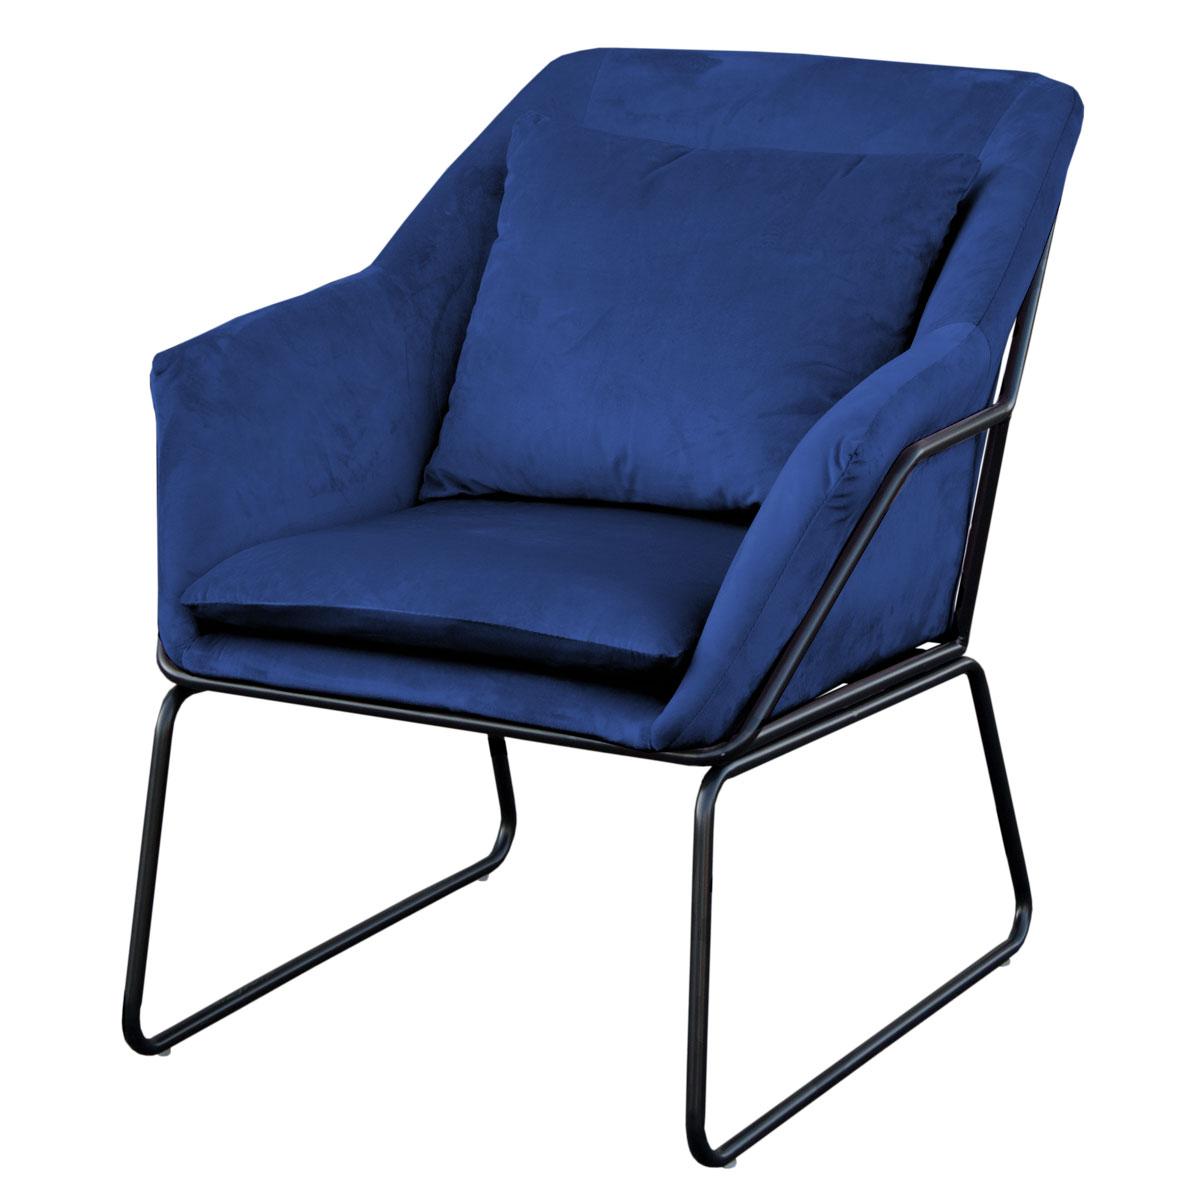 91350 SVITA JOSIE Sessel Samt blau (90350)